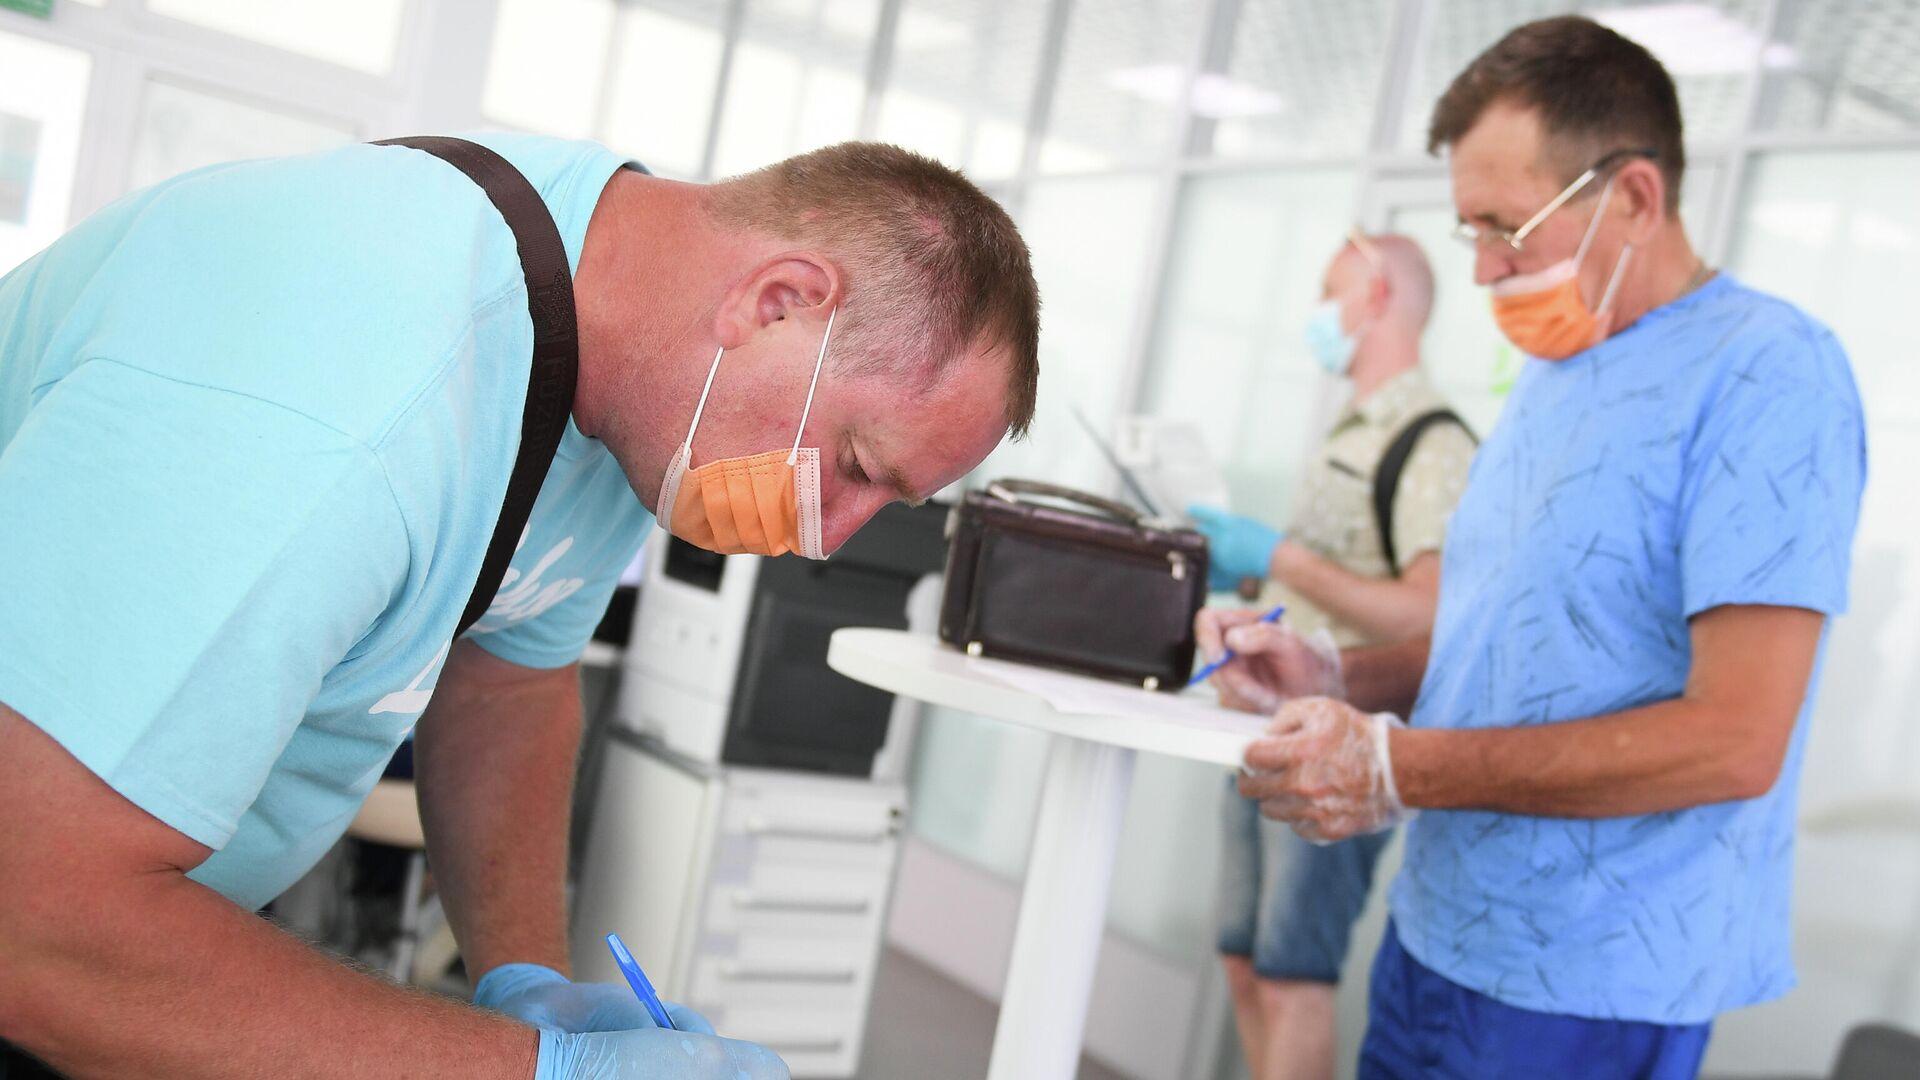 Мужчина заполняет анкету для вакцинации от covid-19 в павильоне Здоровая Москва в Парке Горького - РИА Новости, 1920, 25.06.2021